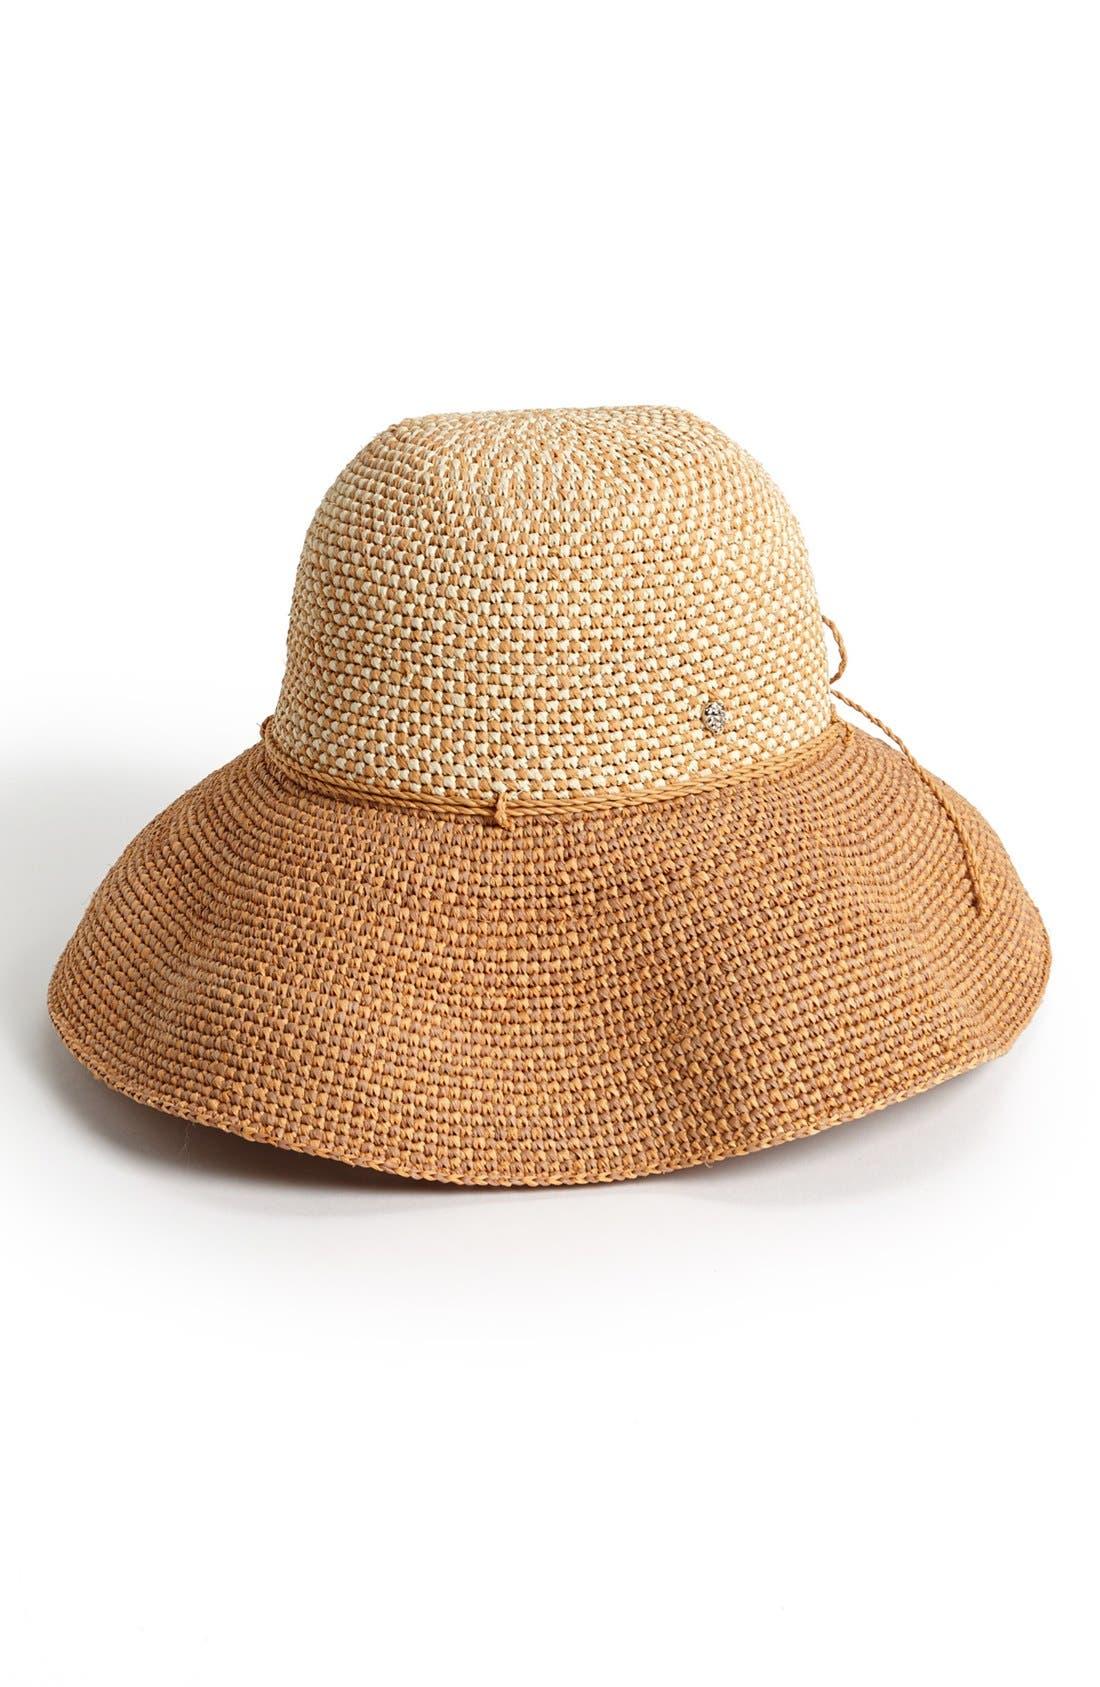 'Provence 12' Packable Raffia Hat,                             Main thumbnail 11, color,